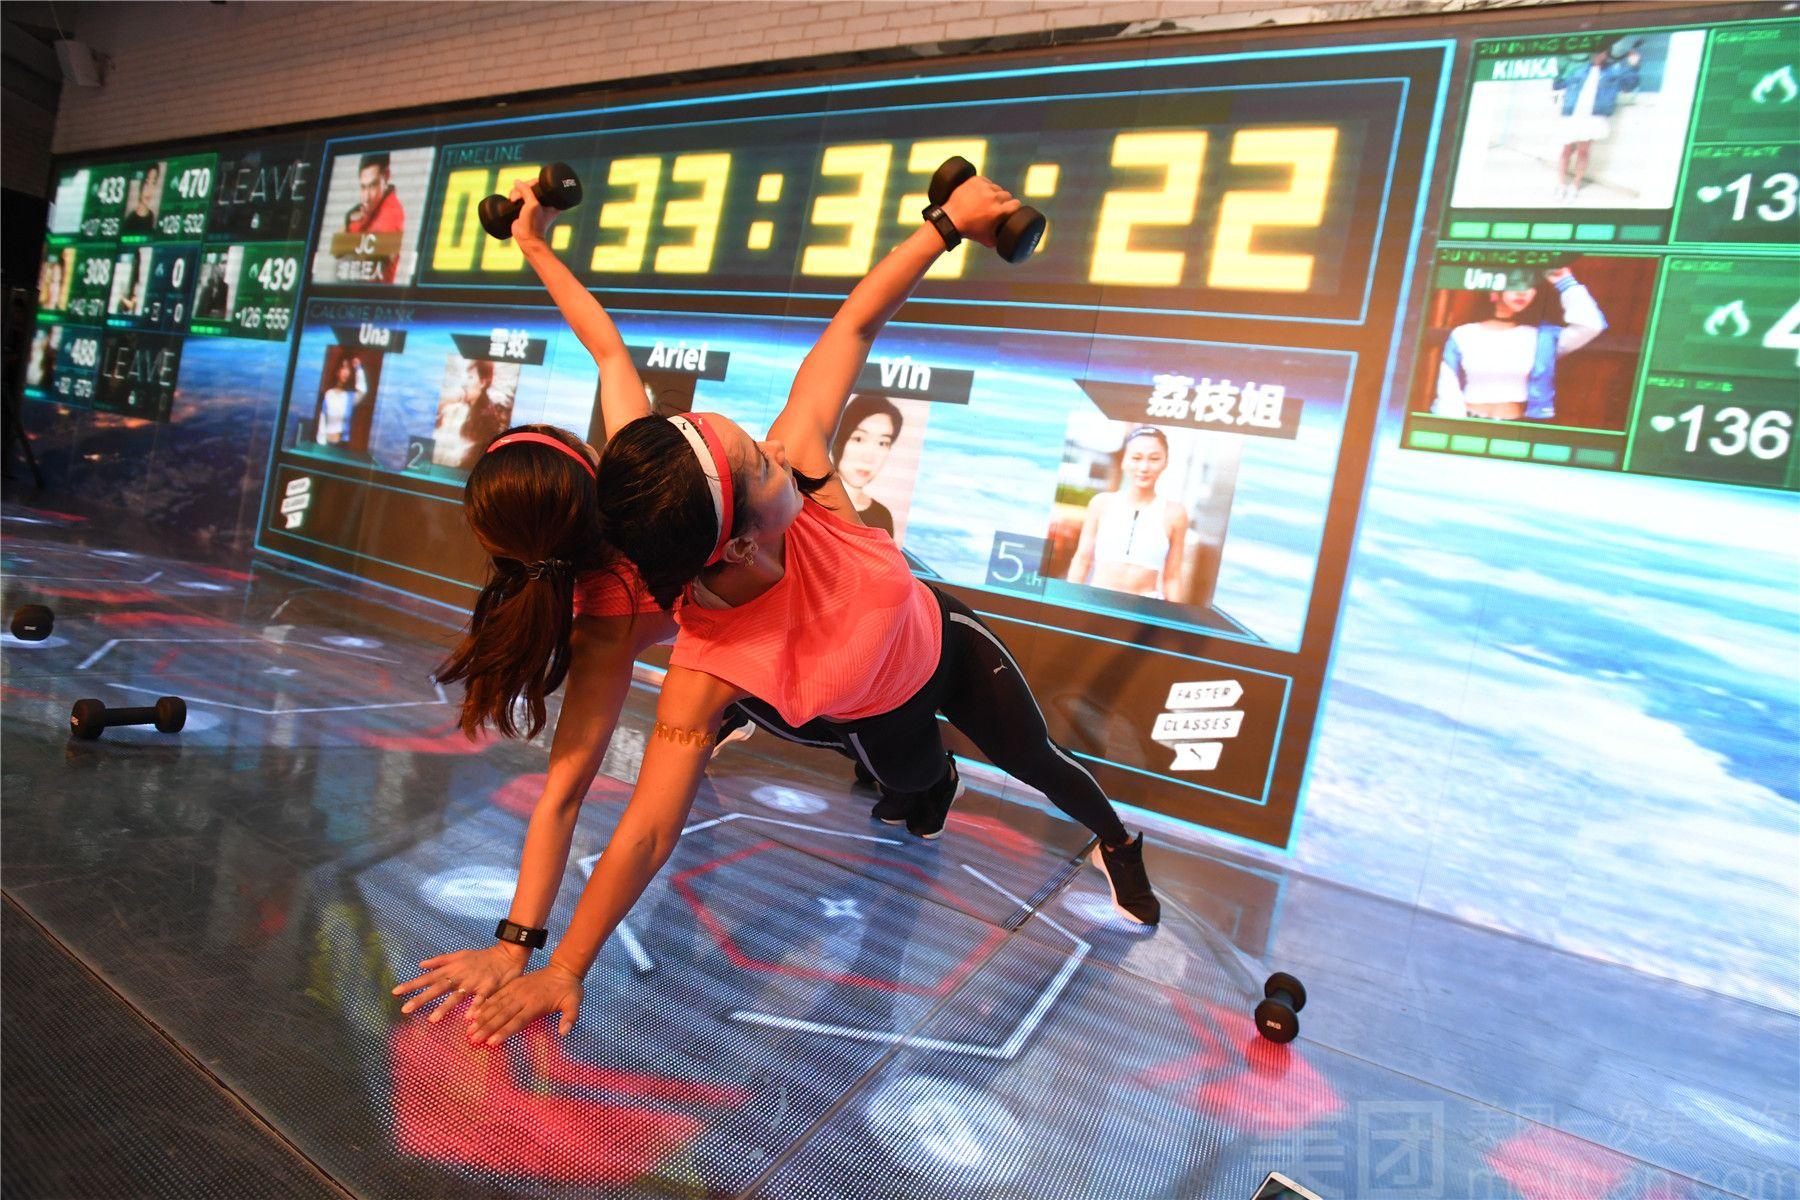 【寰图体育holofit全息沉浸式健身训练课程】holofit课程7天卡